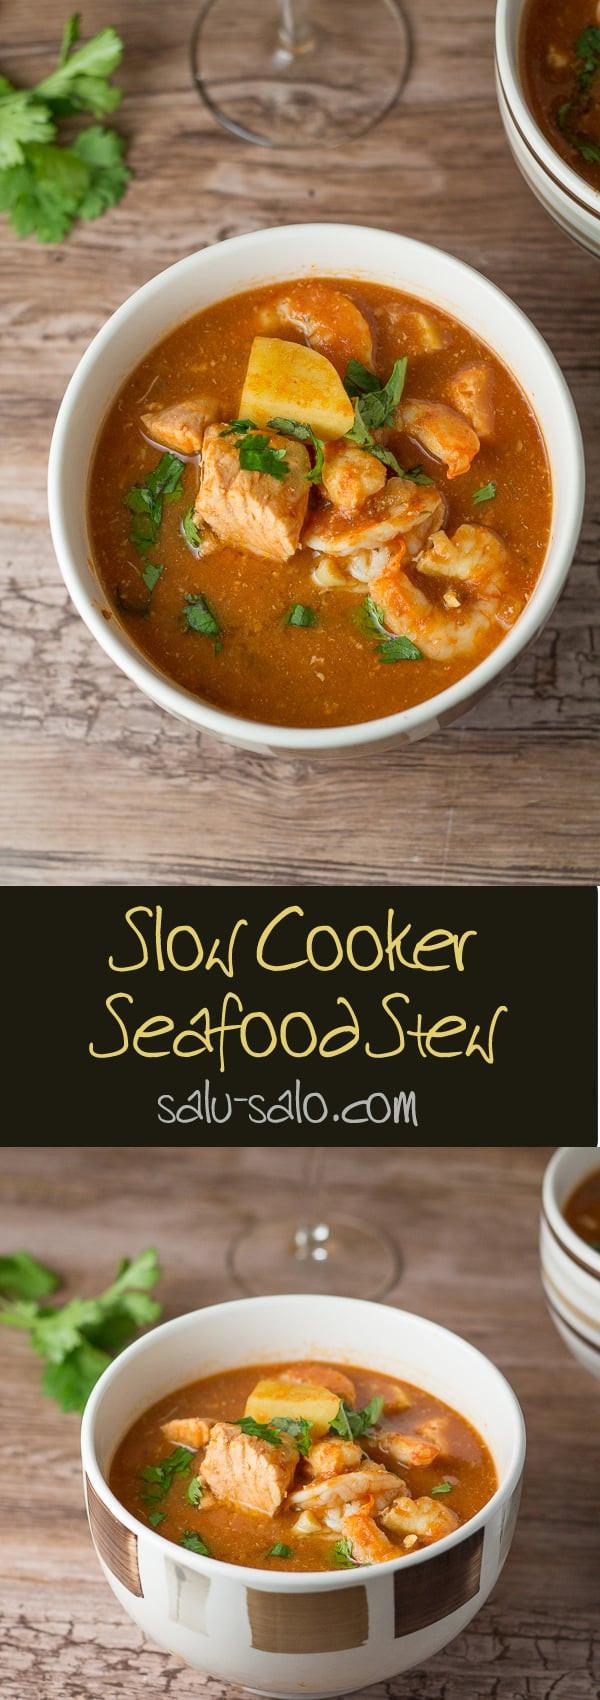 Slow Cooker Seafood Stew  Slow Cooker Seafood Stew Salu Salo Recipes